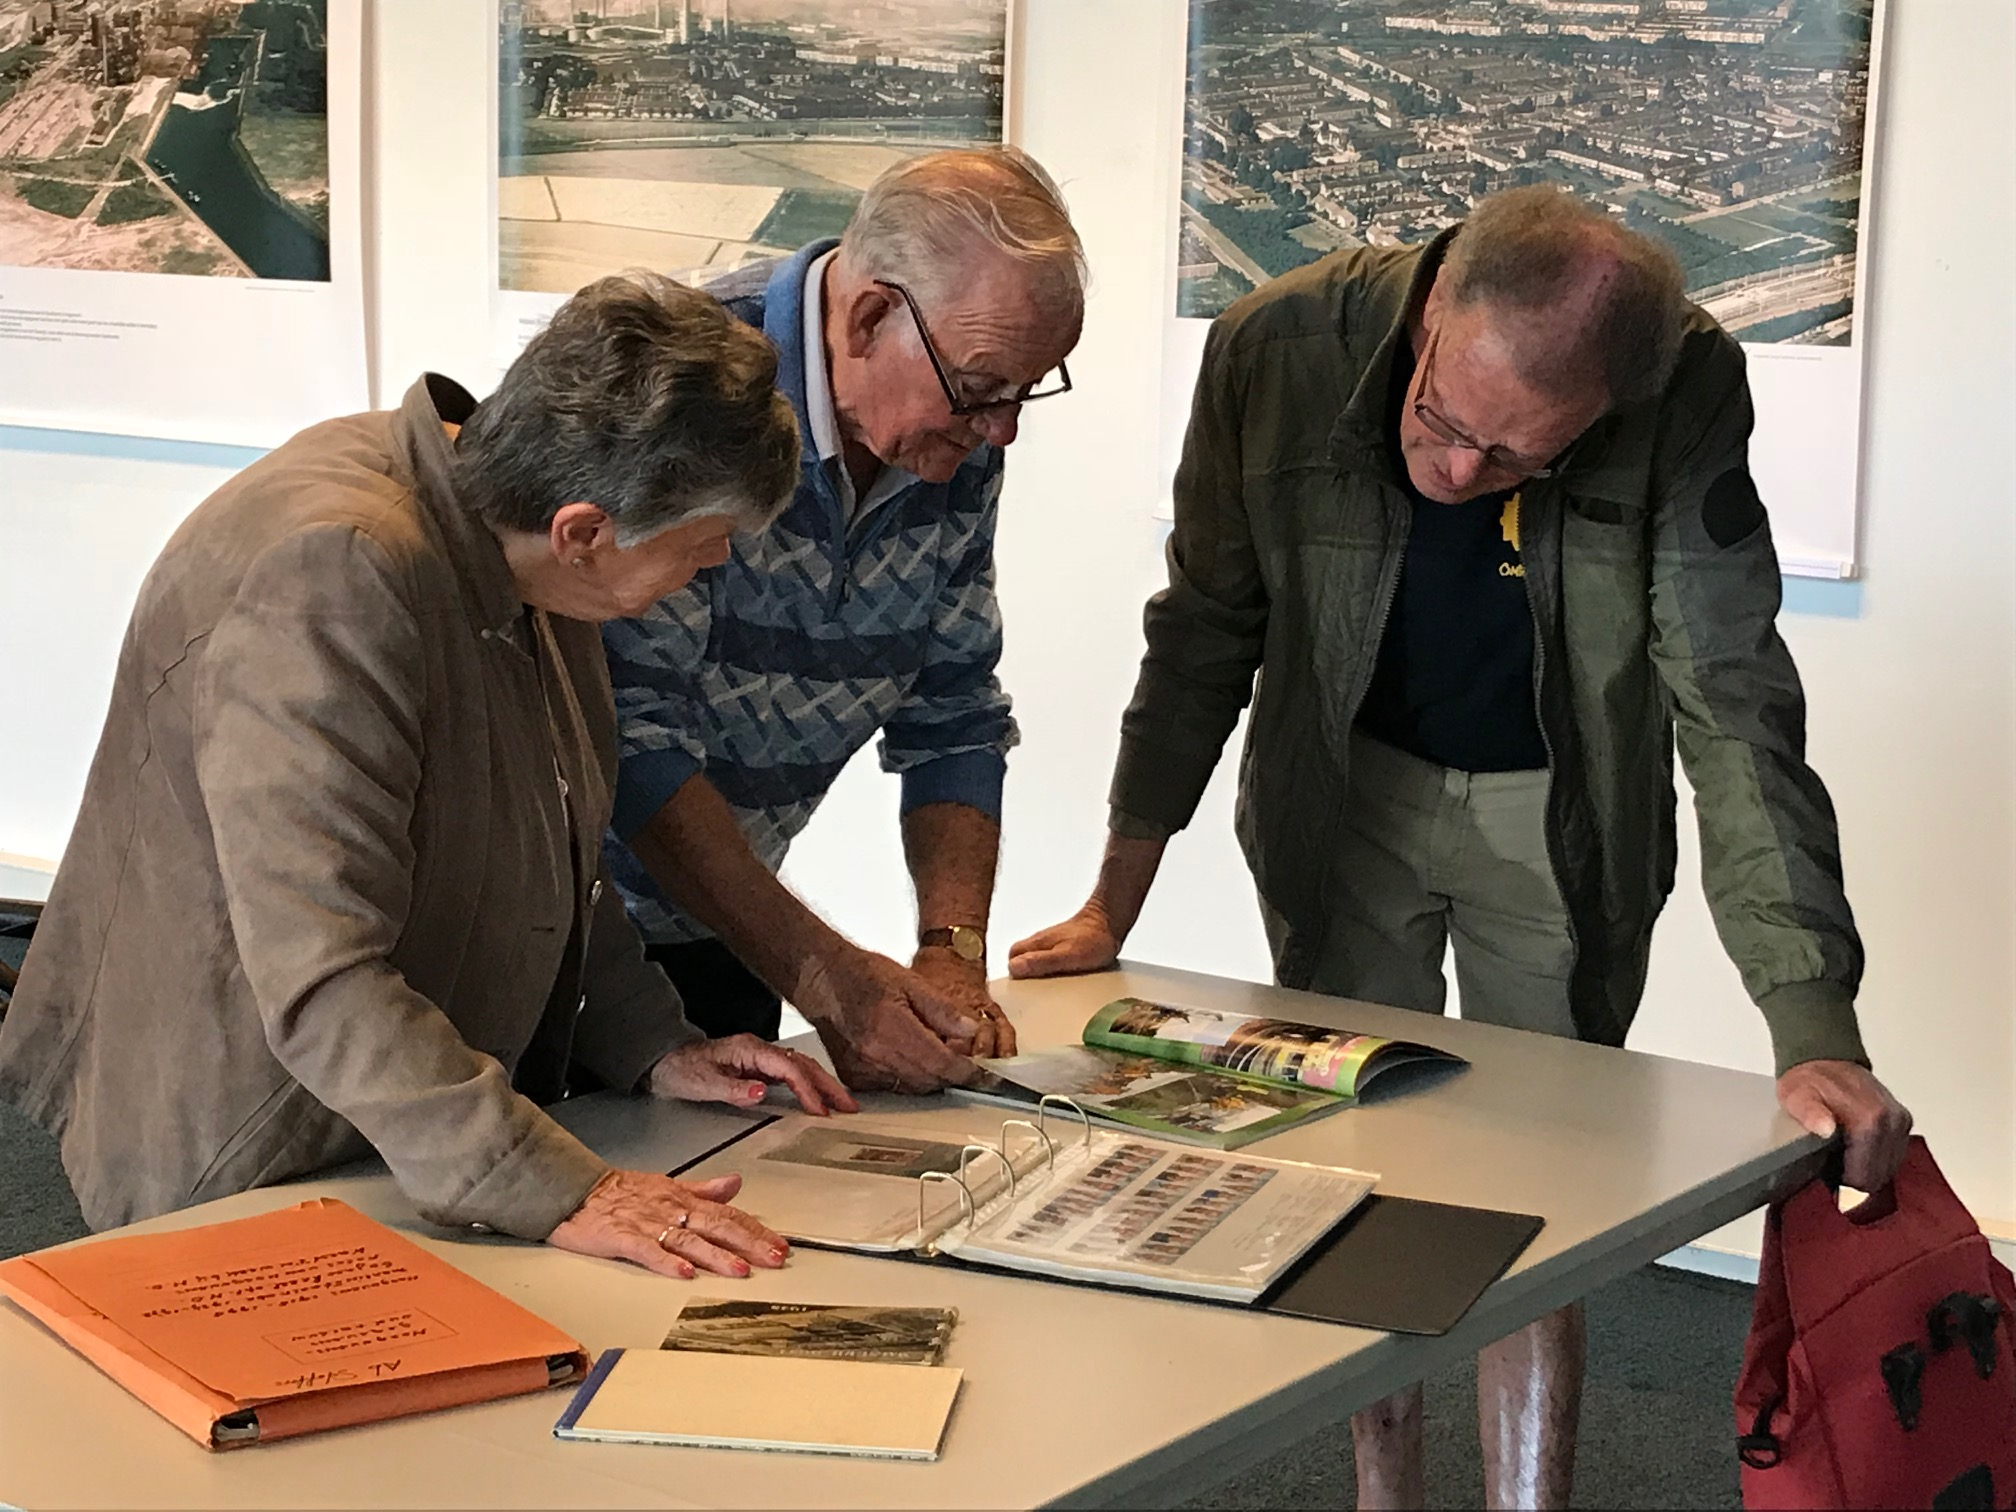 Bezoekers bekijken aandachtig de informatie over 100 jaar Hoogovens. (FOTO: AANGELEVERD)